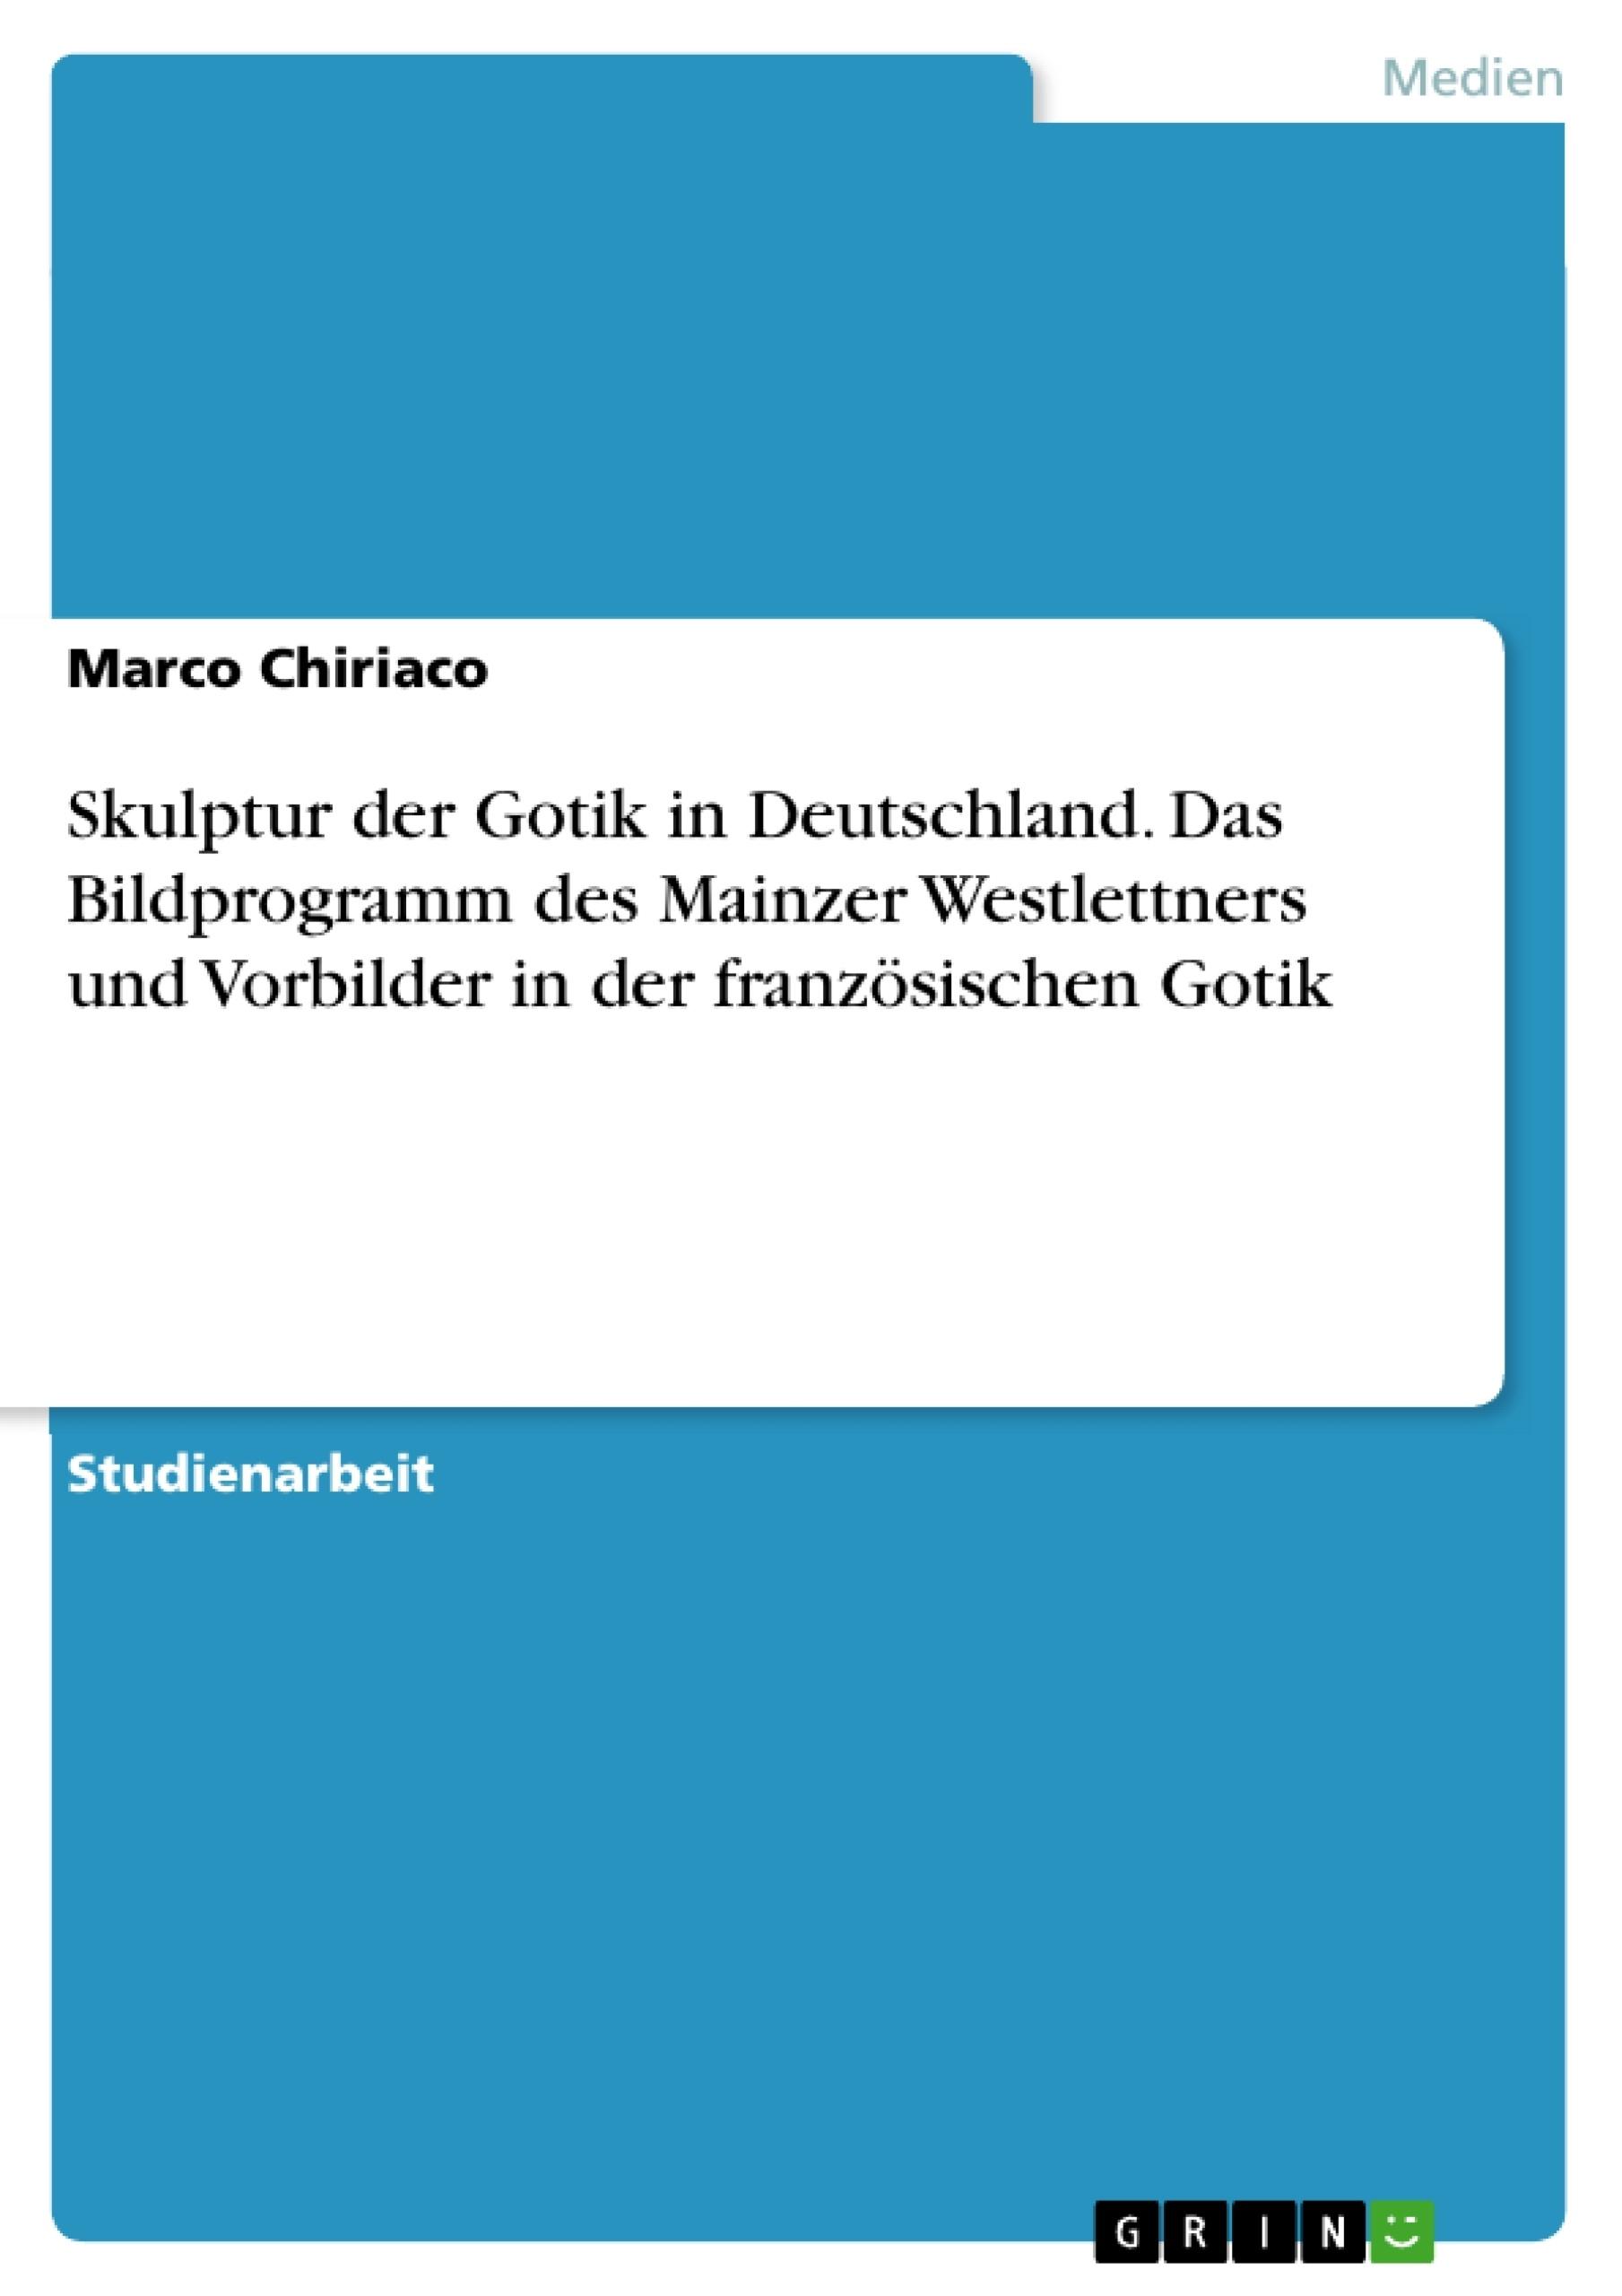 Titel: Skulptur der Gotik in Deutschland. Das Bildprogramm des Mainzer Westlettners und Vorbilder in der französischen Gotik